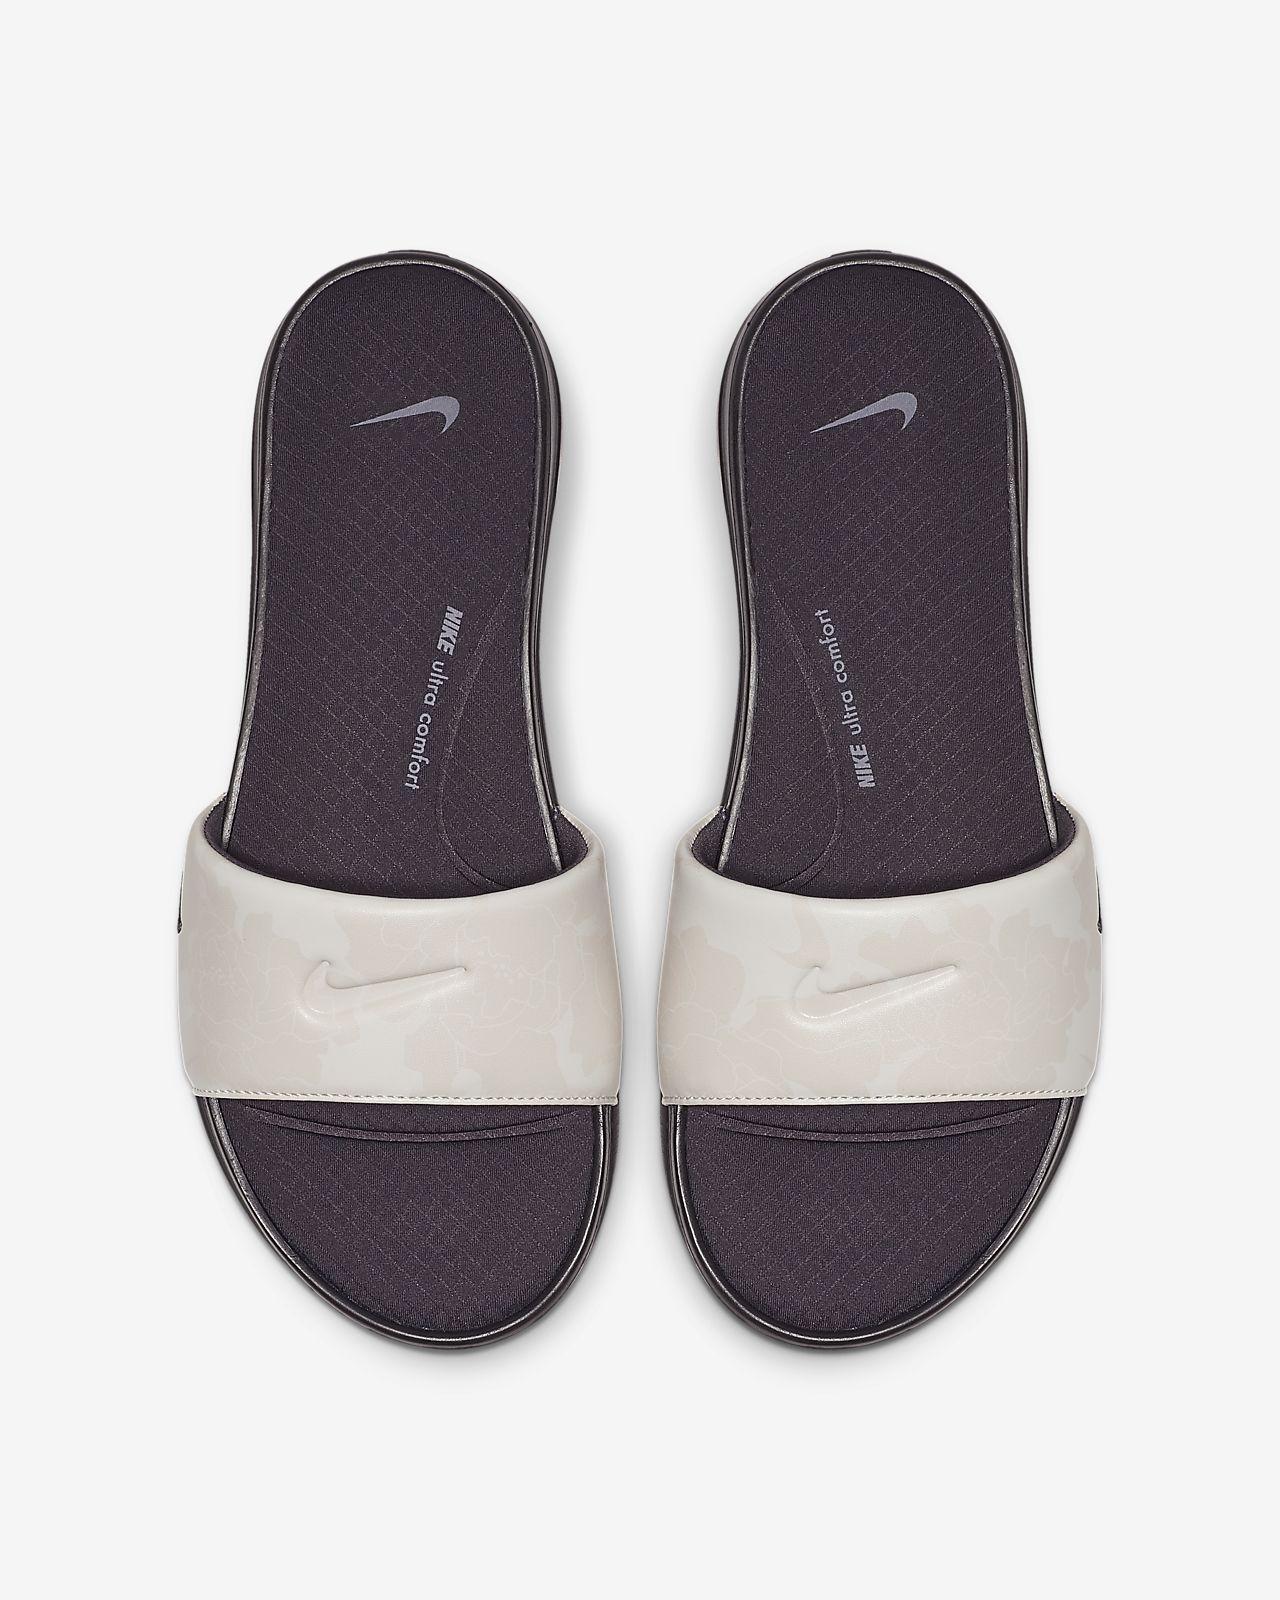 bonne vente de chaussures vente chaude en ligne classique Claquette Nike Ultra Comfort 3 Printed pour Femme